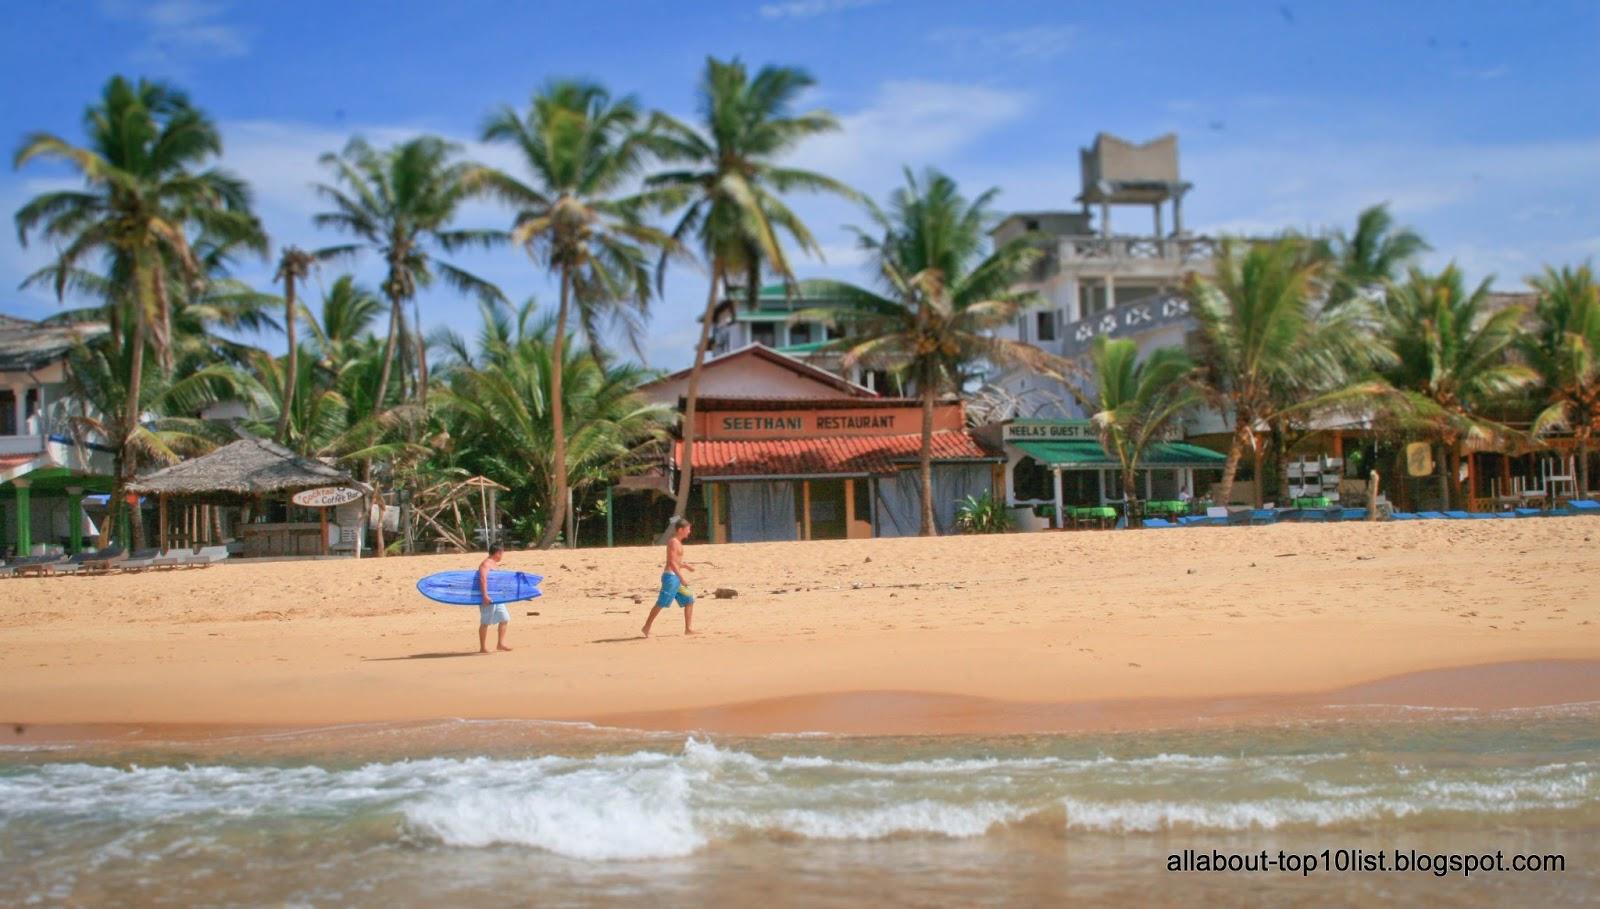 Hikkaduwa Sri Lanka  city pictures gallery : The amazing world of top10: Surfing, Hikkaduwa, Sri Lanka